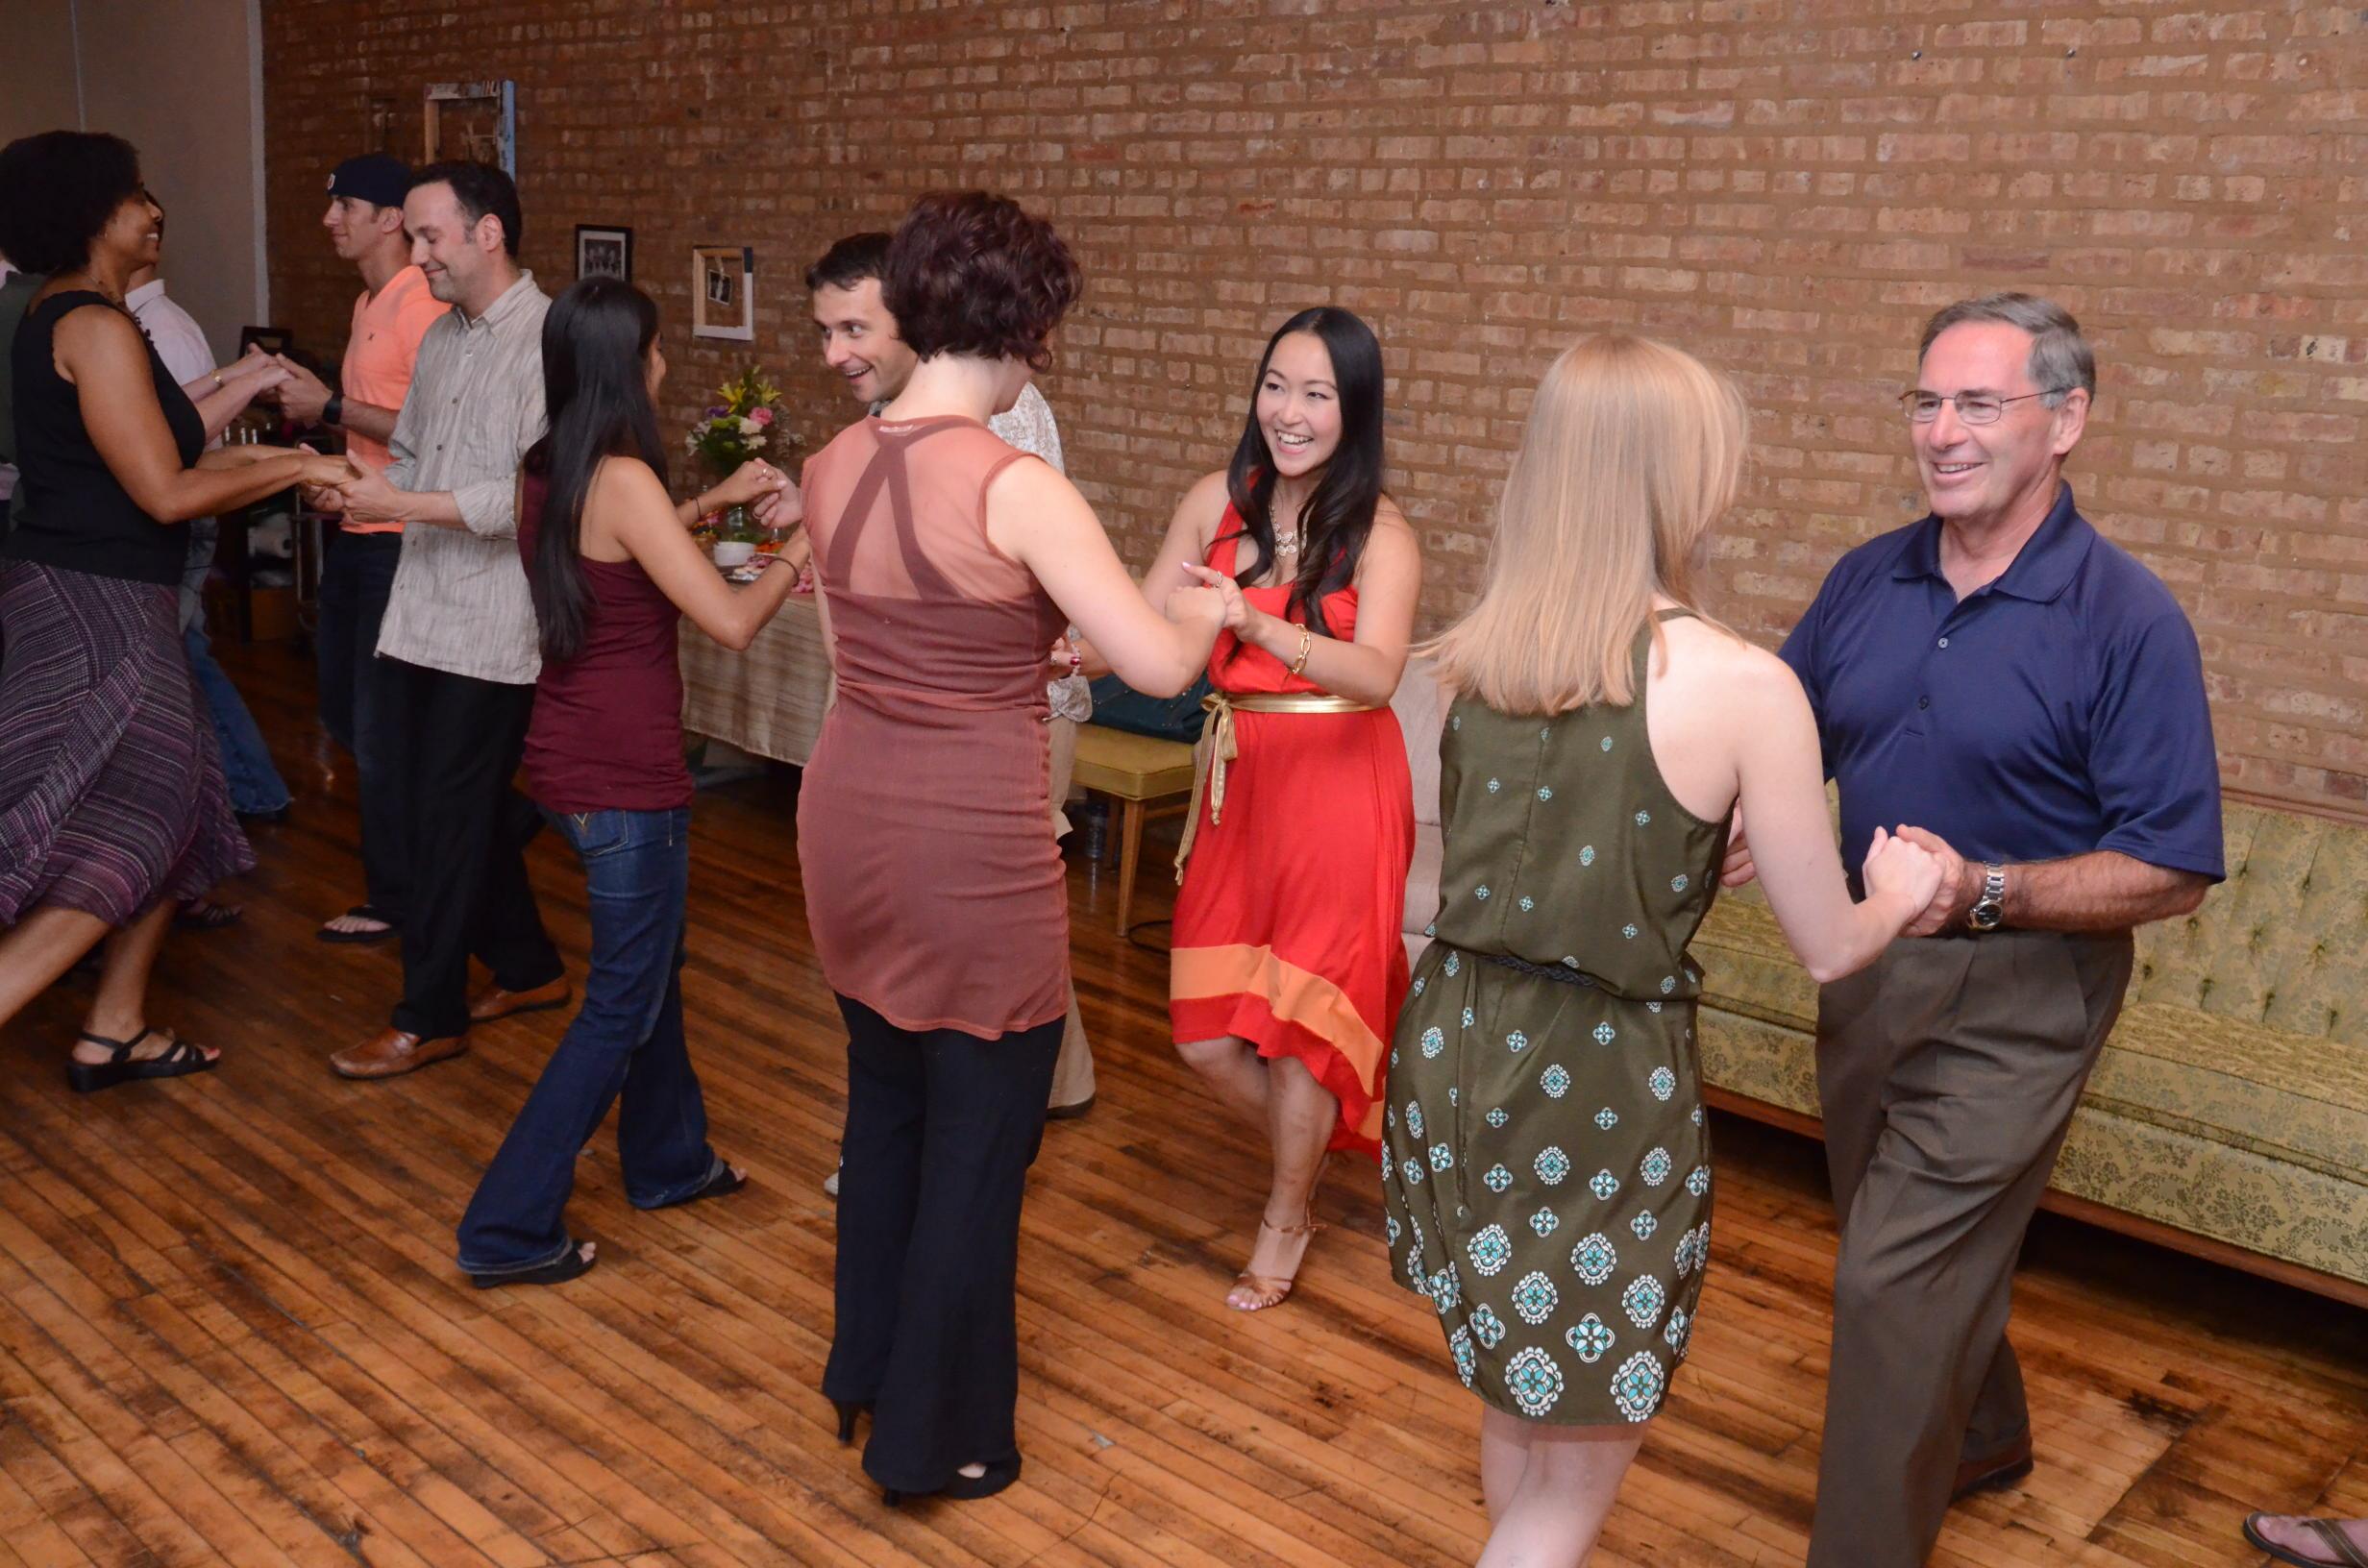 Salsa Dance Class at Duet Dance Studio. Photo by Jeff Callen.